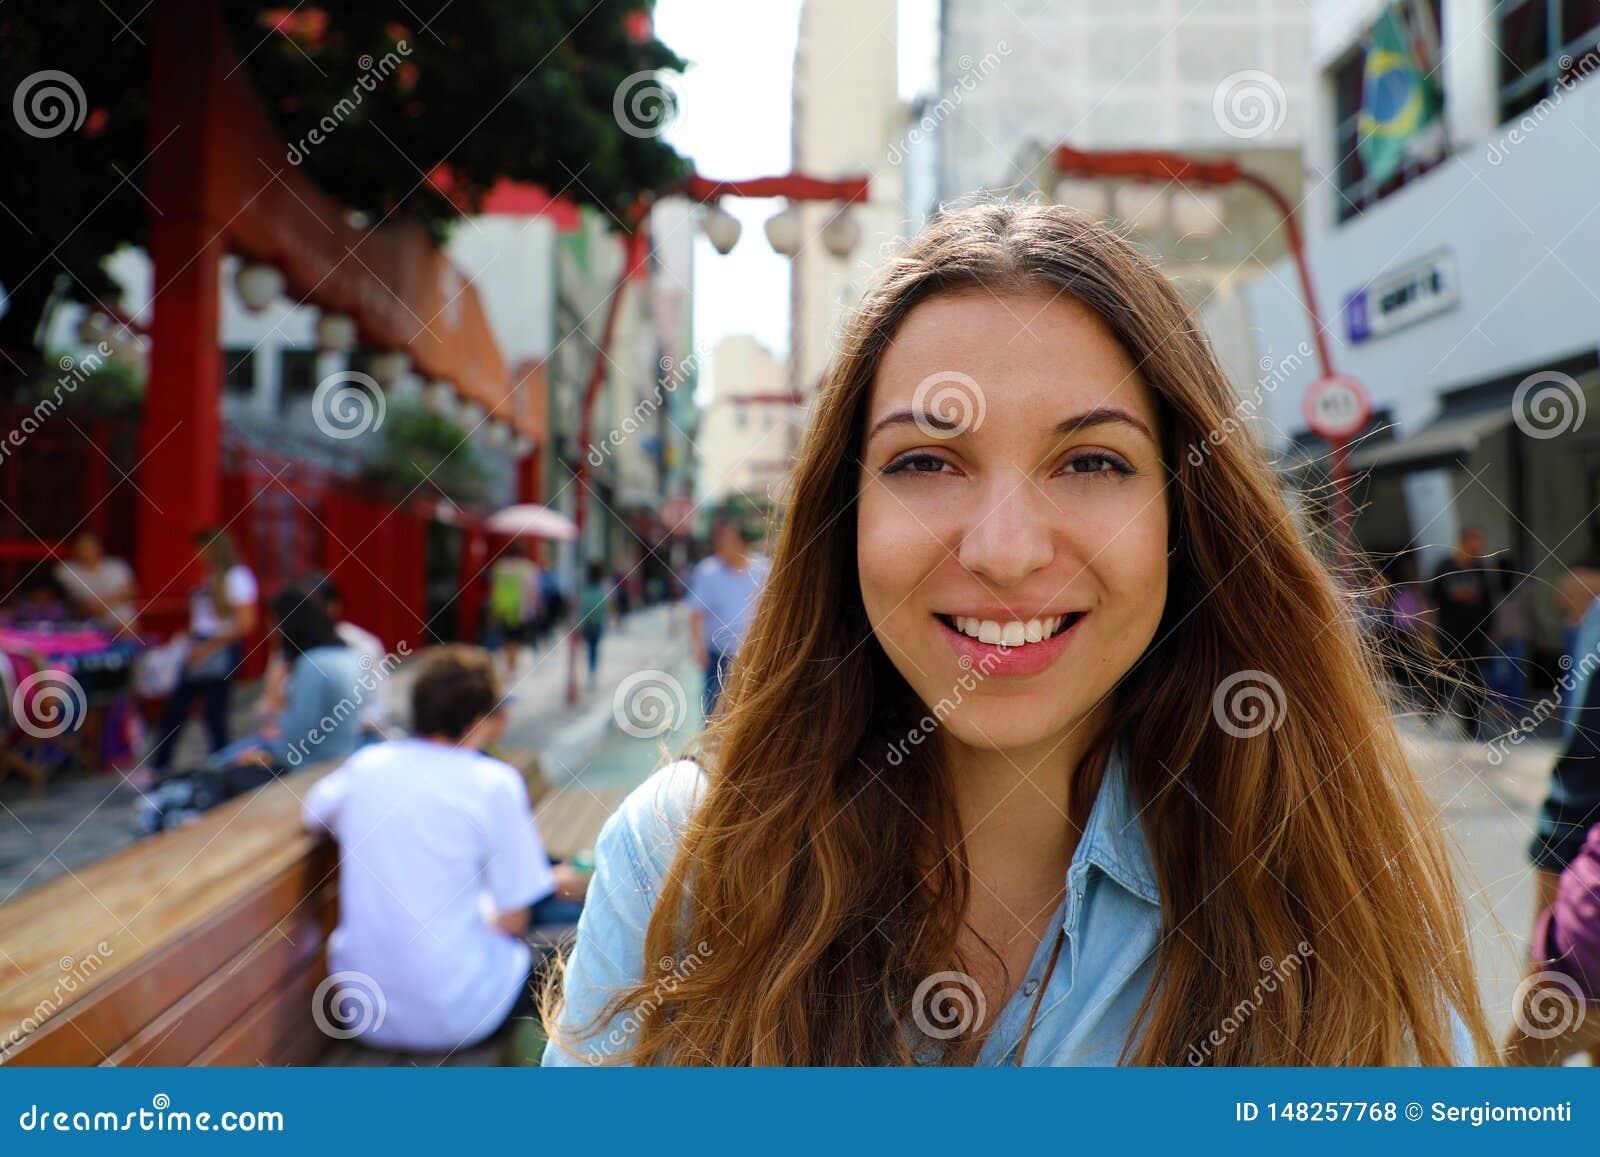 Portret pi?kna u?miechni?ta kobieta w Sao Paulo japo?skim s?siedztwie Liberdade, Sao Paulo, Brazylia